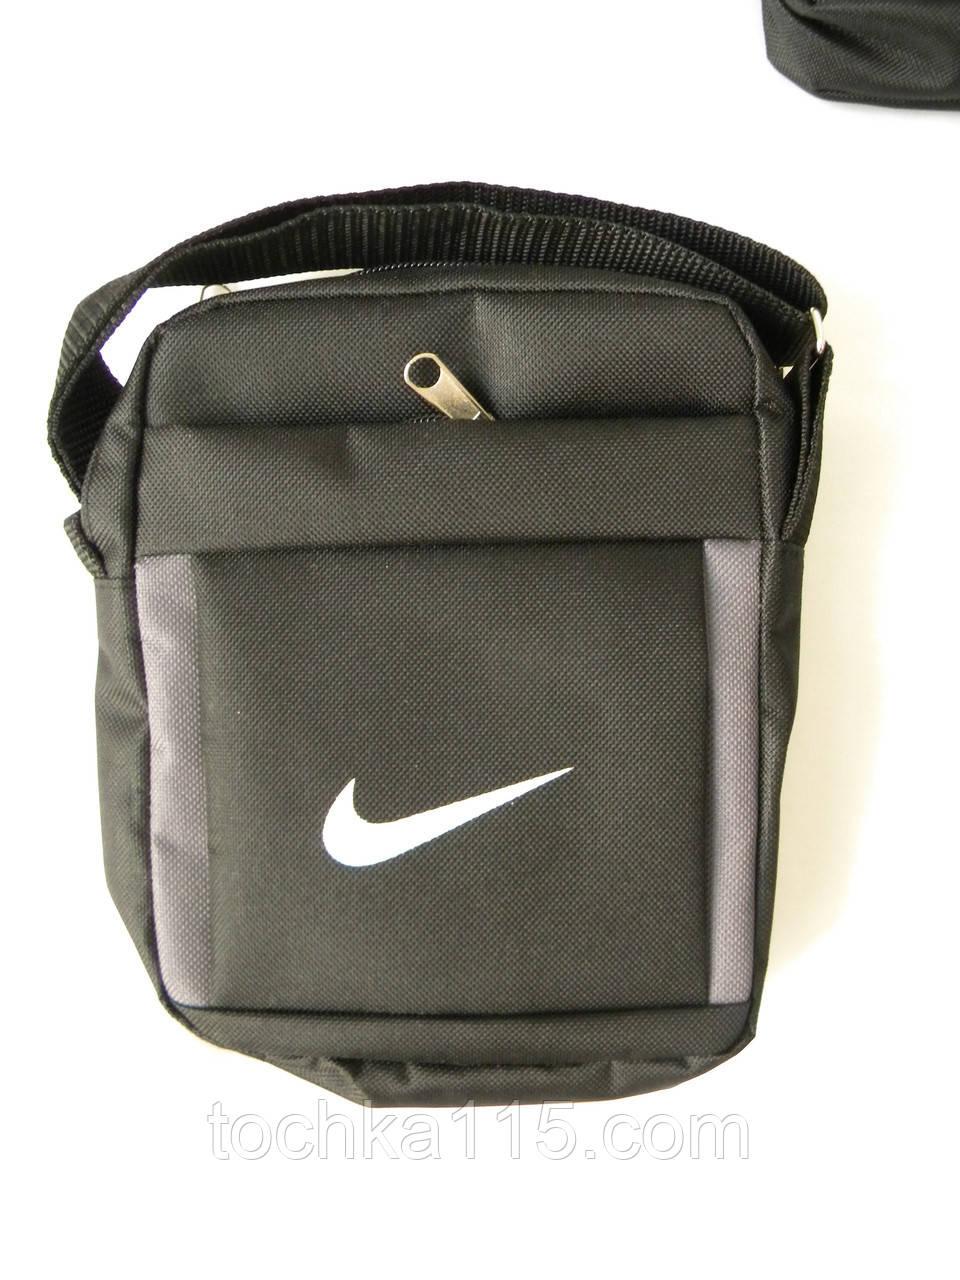 c213393fb11e ... сумка Мужская сумка через плече Nike, чоловiчi сумки Найк, молодежная  сумка через плече, ...